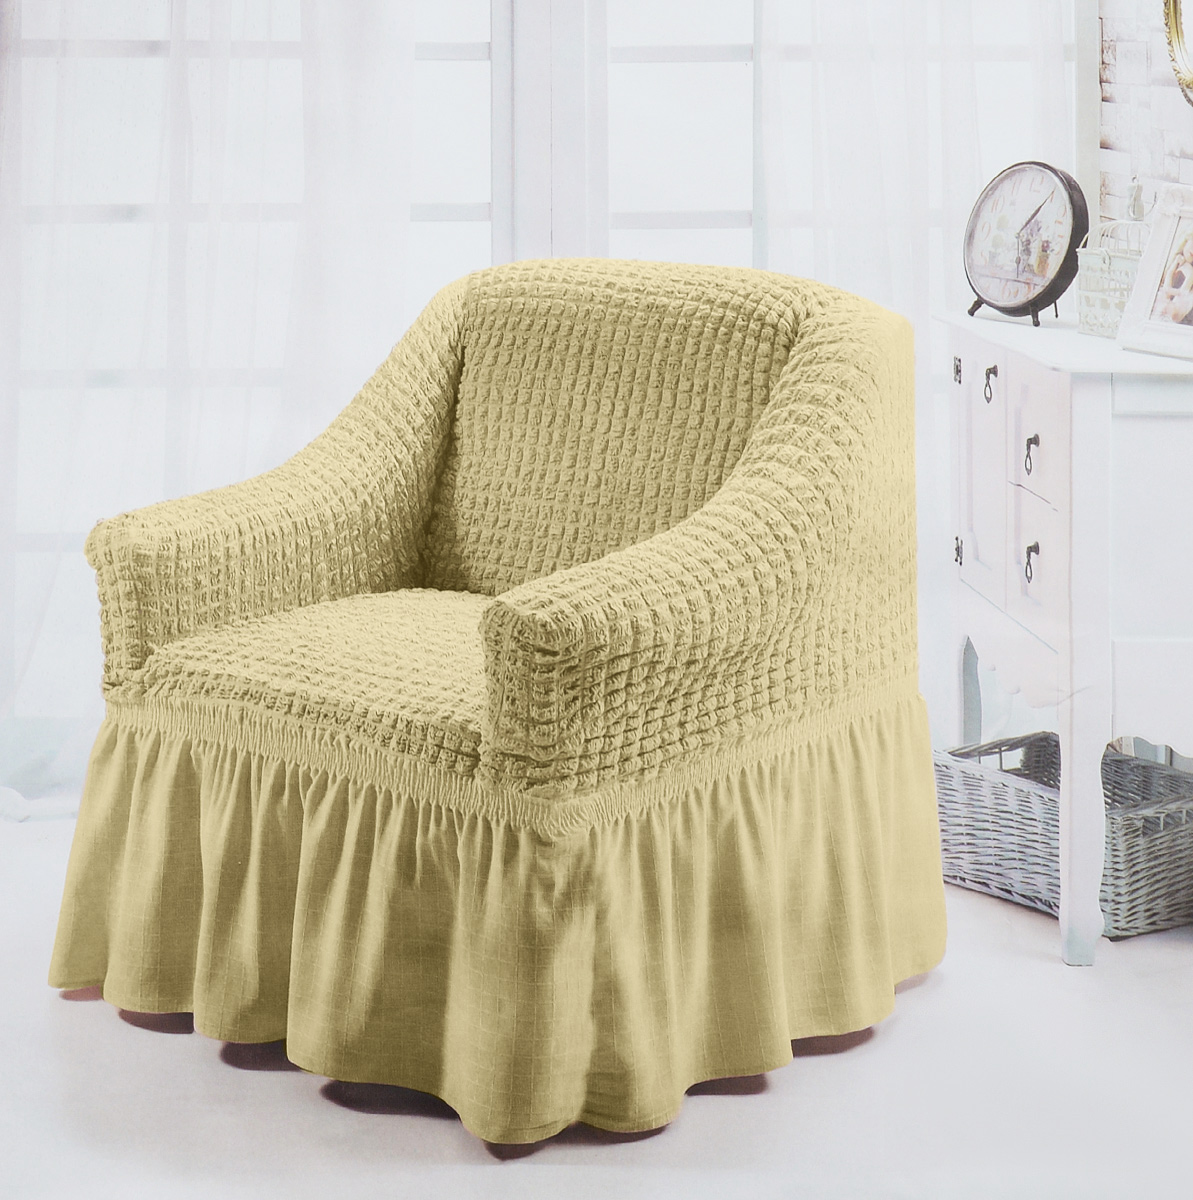 Чехол для кресла Burumcuk Bulsan, цвет: бежевый1797/CHAR001Чехол на кресло Burumcuk Bulsan выполнен из высококачественного полиэстера и хлопка с красивым рельефом. Предназначен для кресла стандартного размера со спинкой высотой в 140 см. Такой чехол изысканно дополнит интерьер вашего дома. Изделие прорезинено со всех сторон и оснащено закрывающей оборкой.Ширина и глубина посадочного места: 70-80 см.Высота спинки от сиденья: 70-80 см.Высота подлокотников: 35-45 см.Ширина подлокотников: 25-35 см.Длина оборки: 35 см.